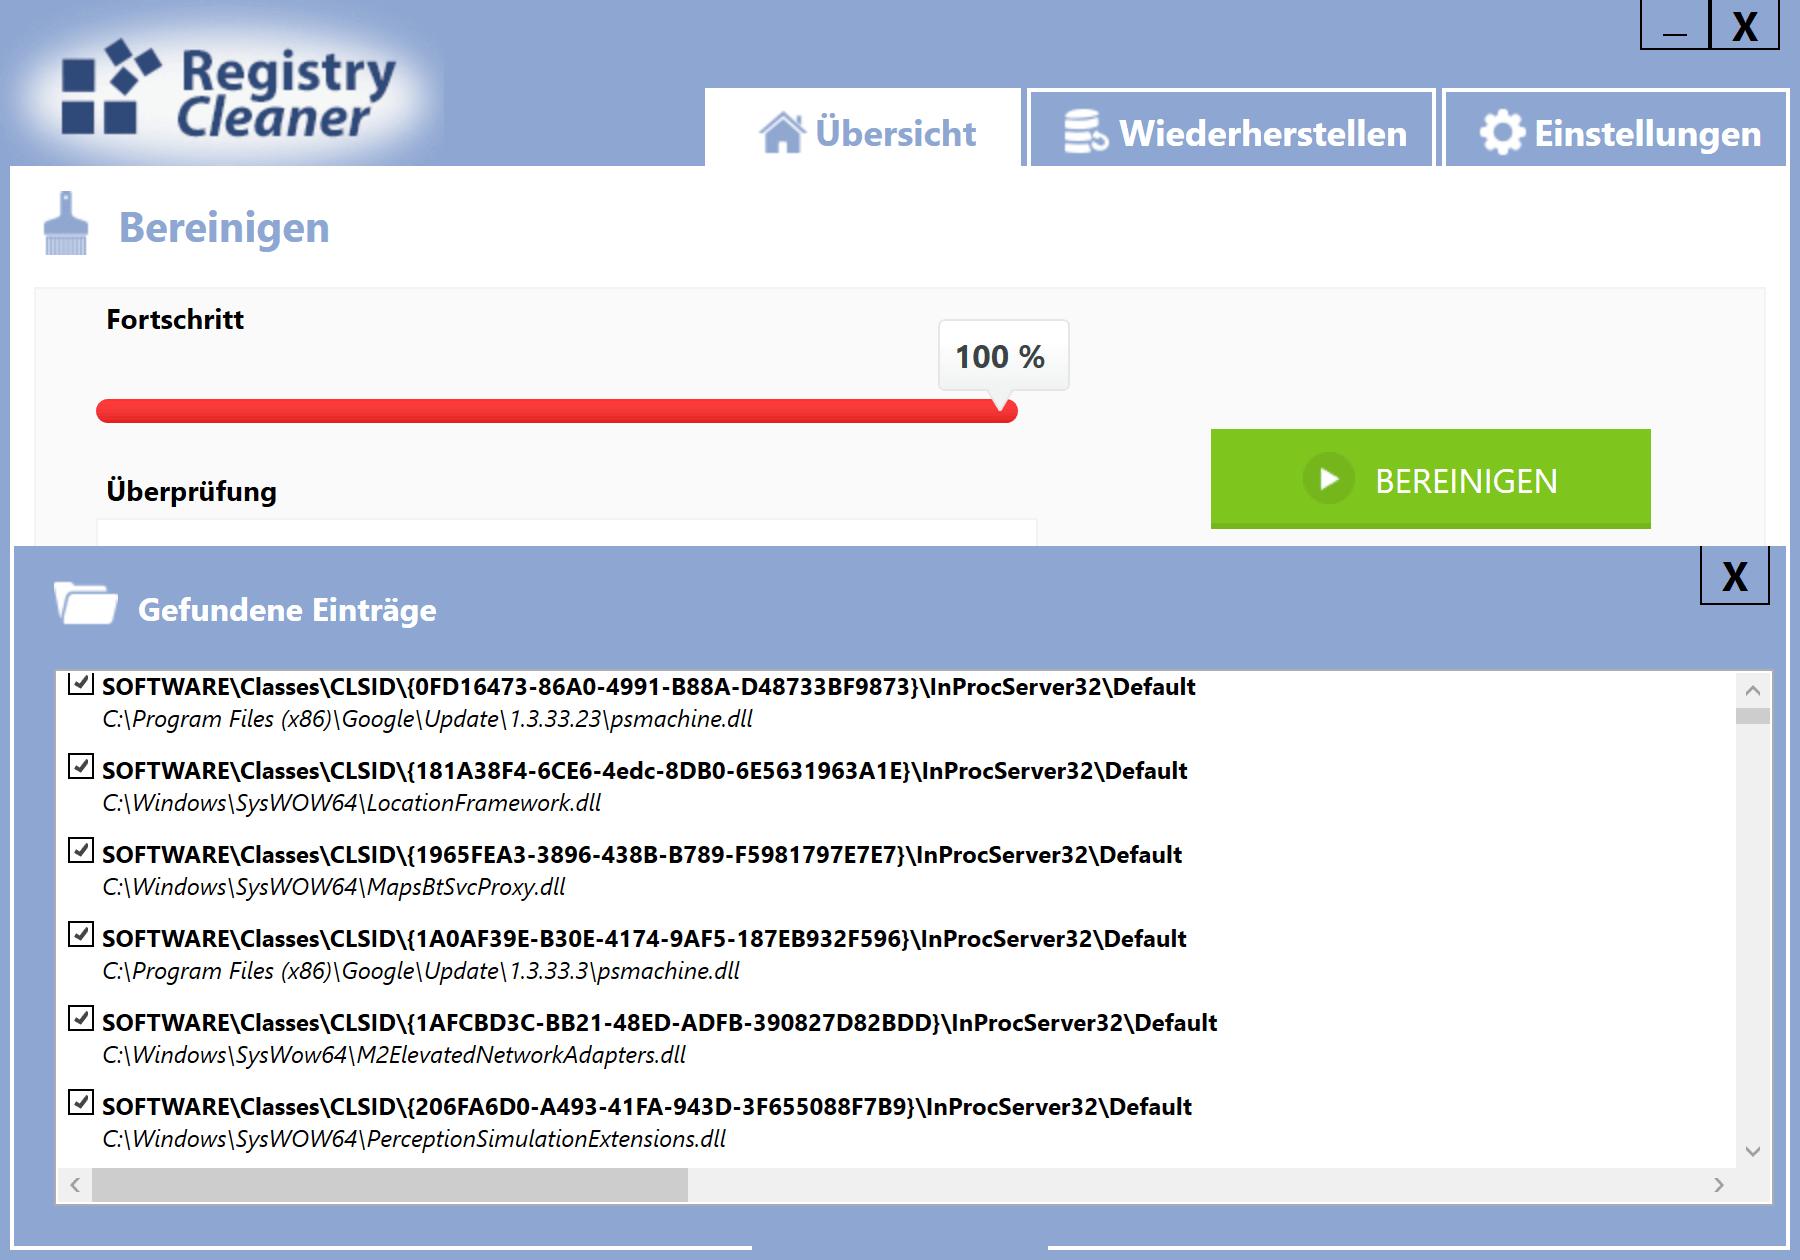 Windows 10 Registry schneller machen - Liste mit zu bereinigenden Einträgen